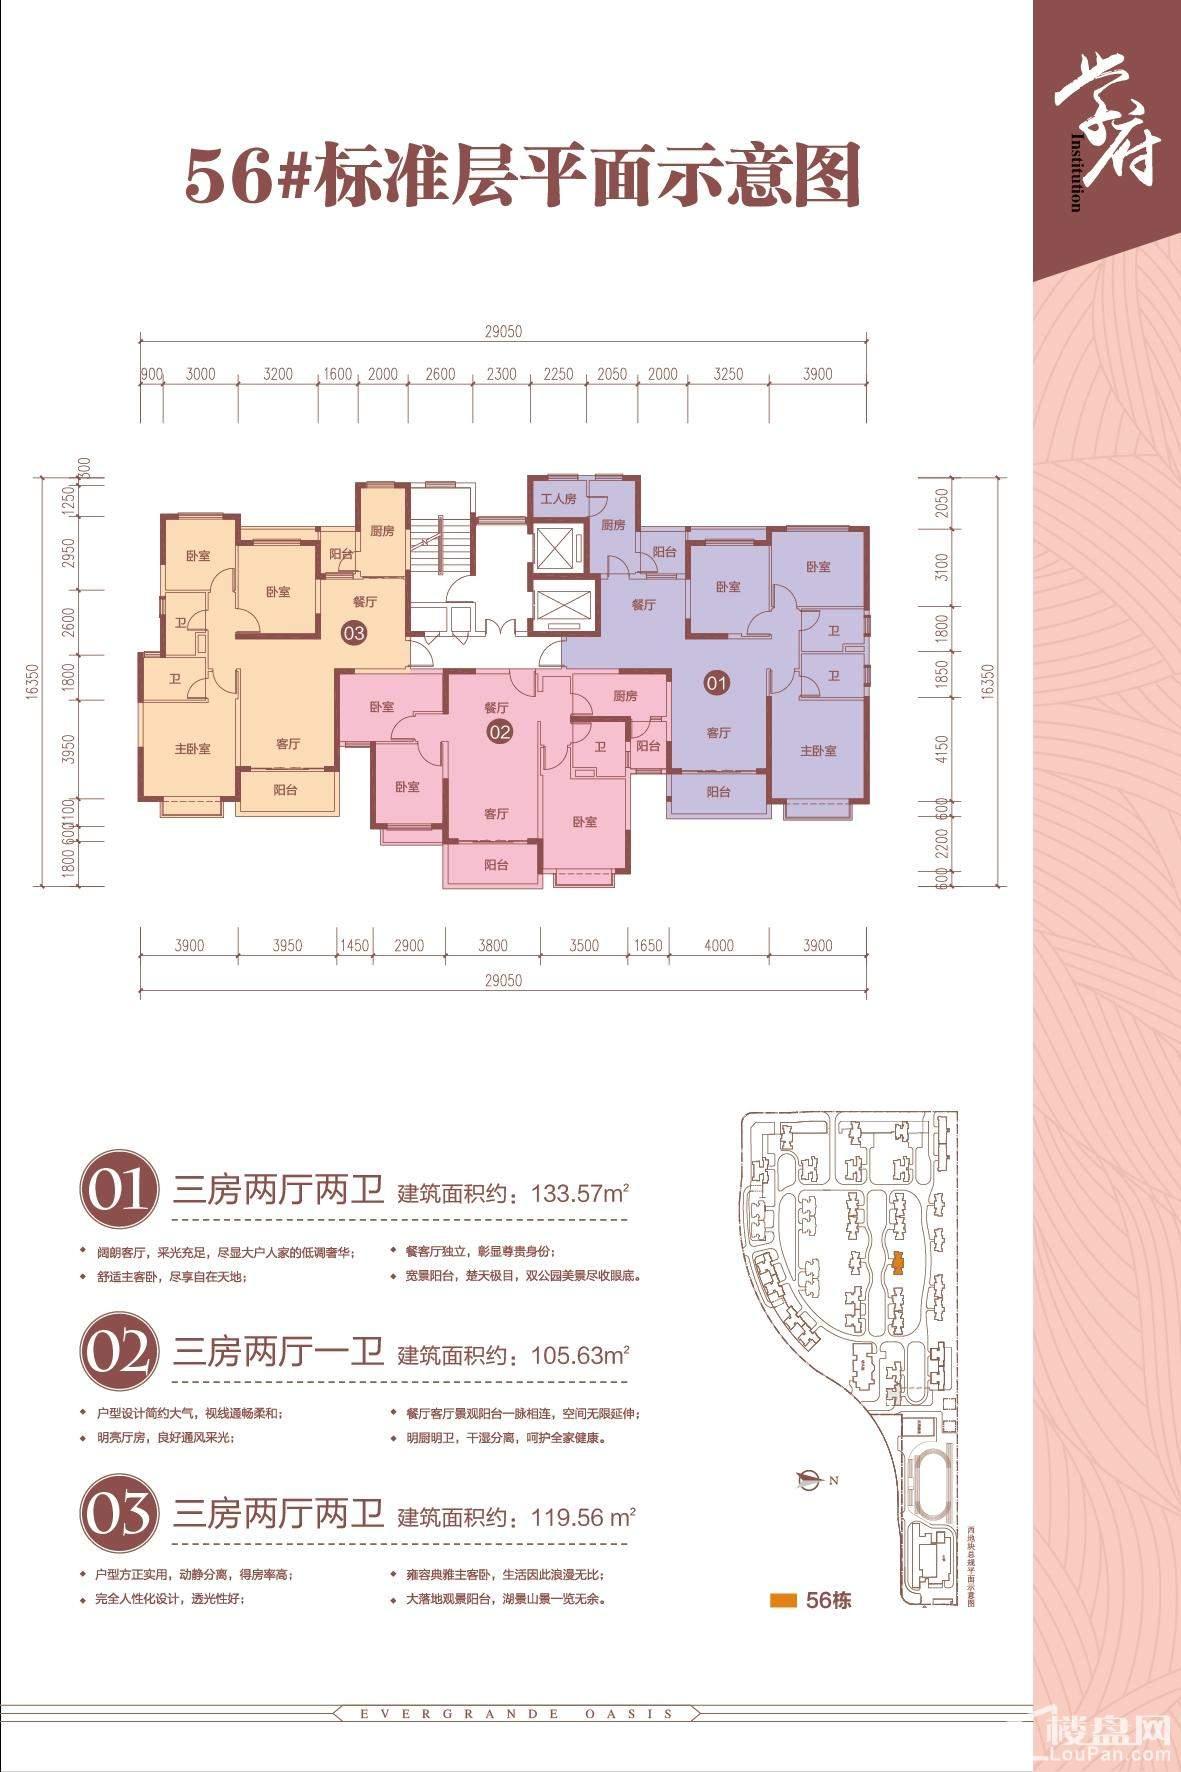 南宁恒大绿洲3期56#标准层平面图